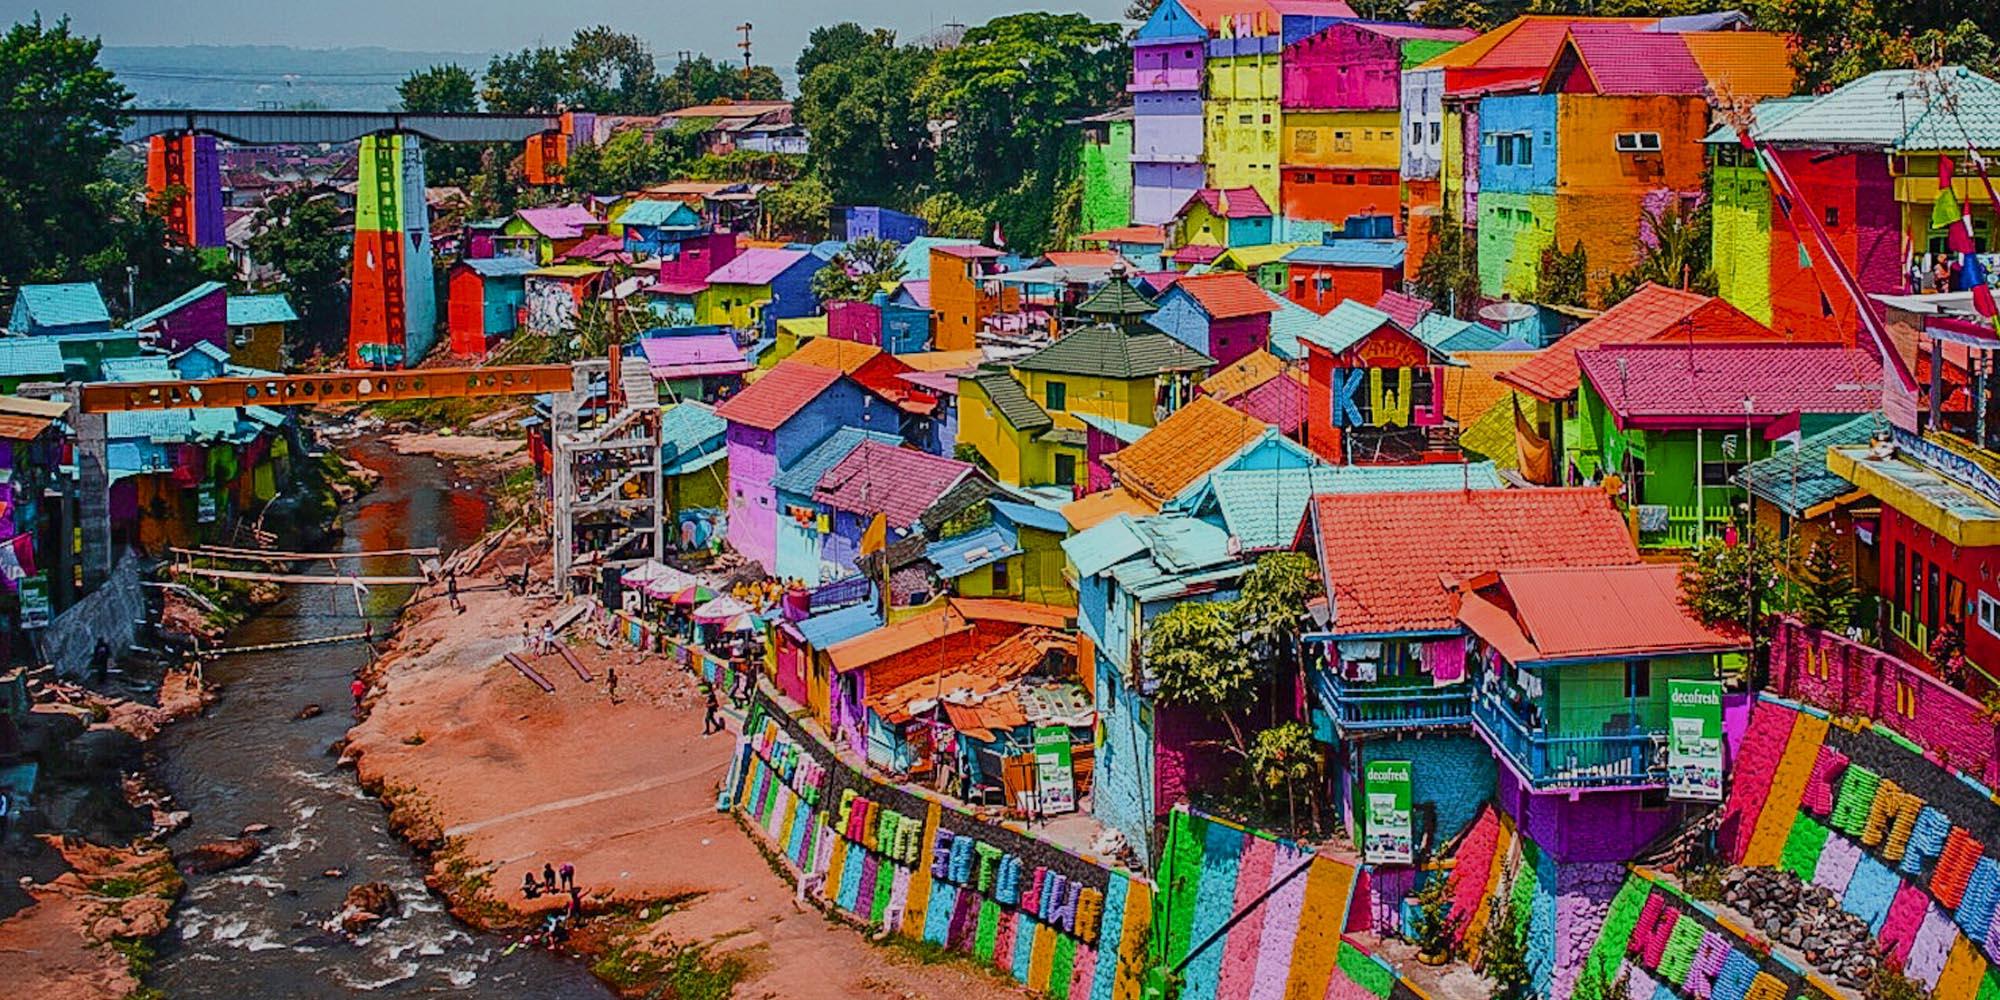 tempat wisata di Malang yang murah - Kampung Jodipan dan Tridi (yoexplore)